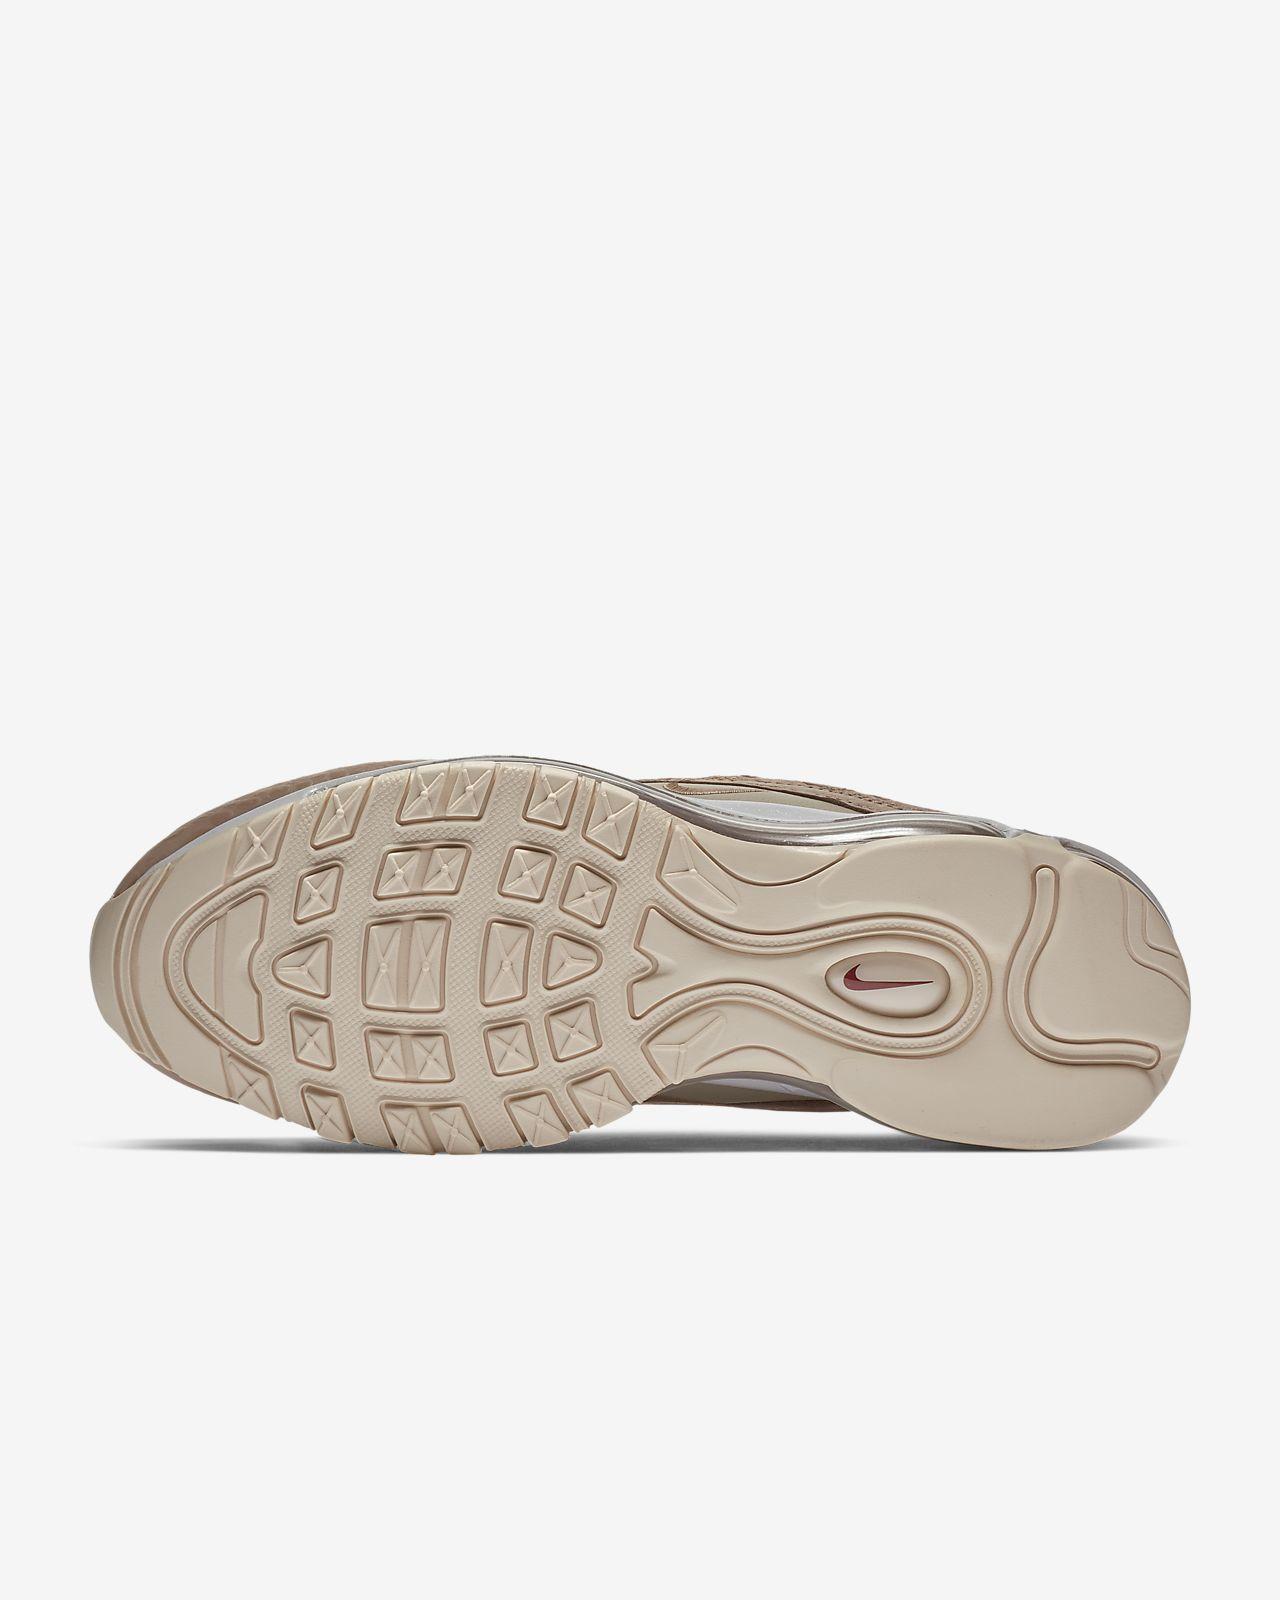 74132f60df Nike Air Max 97 LX Women's Shoe. Nike.com SG